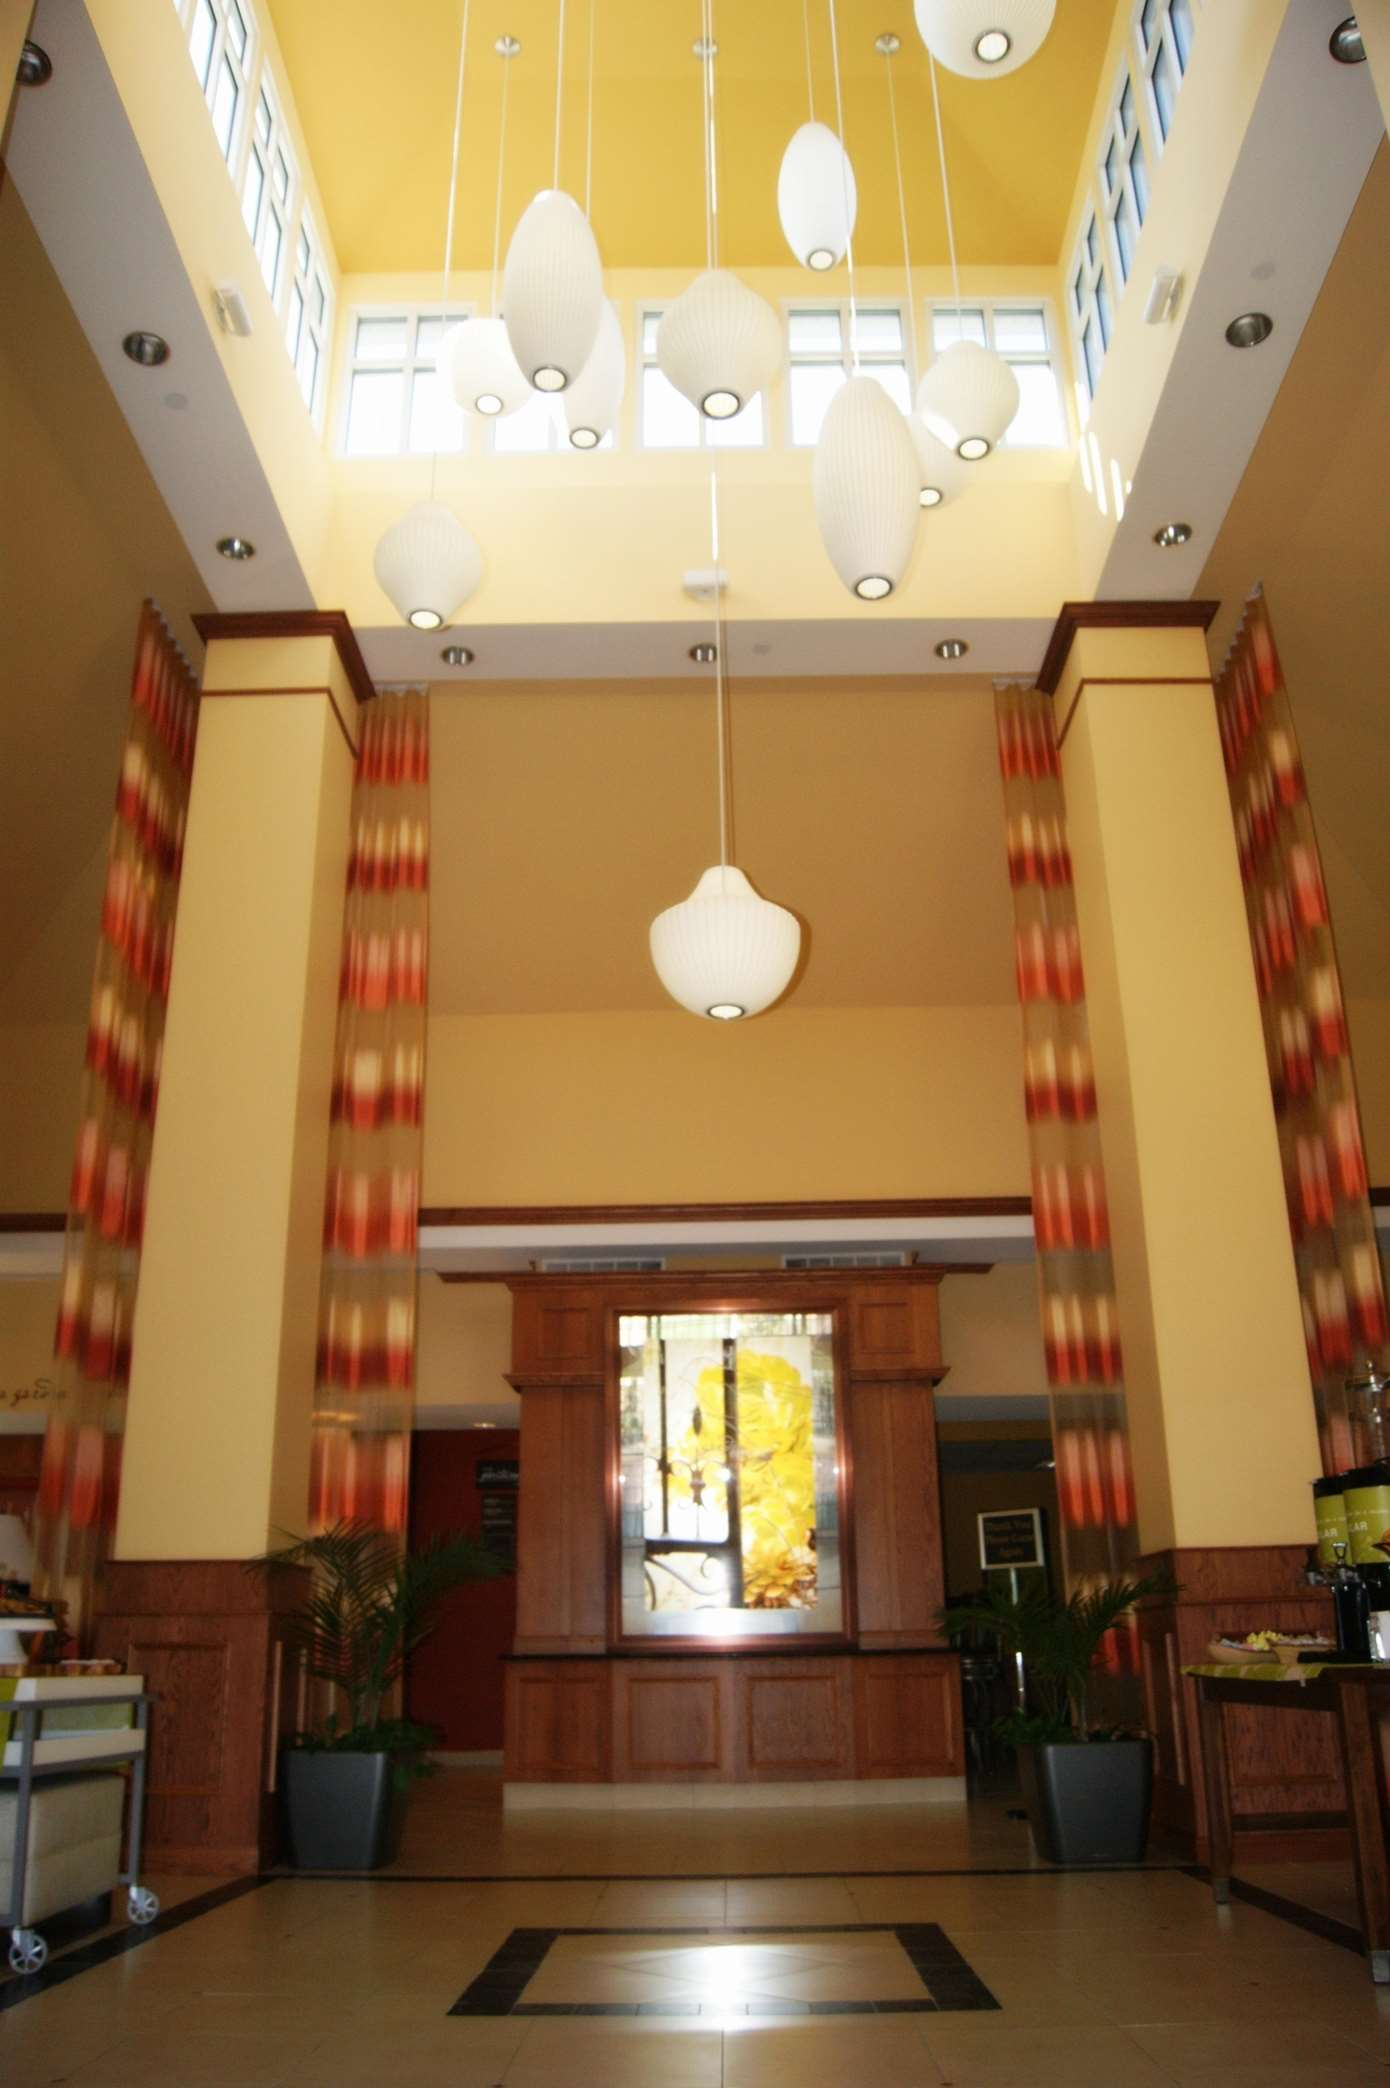 Business directory for elkhart in for The garden inn elkhart indiana